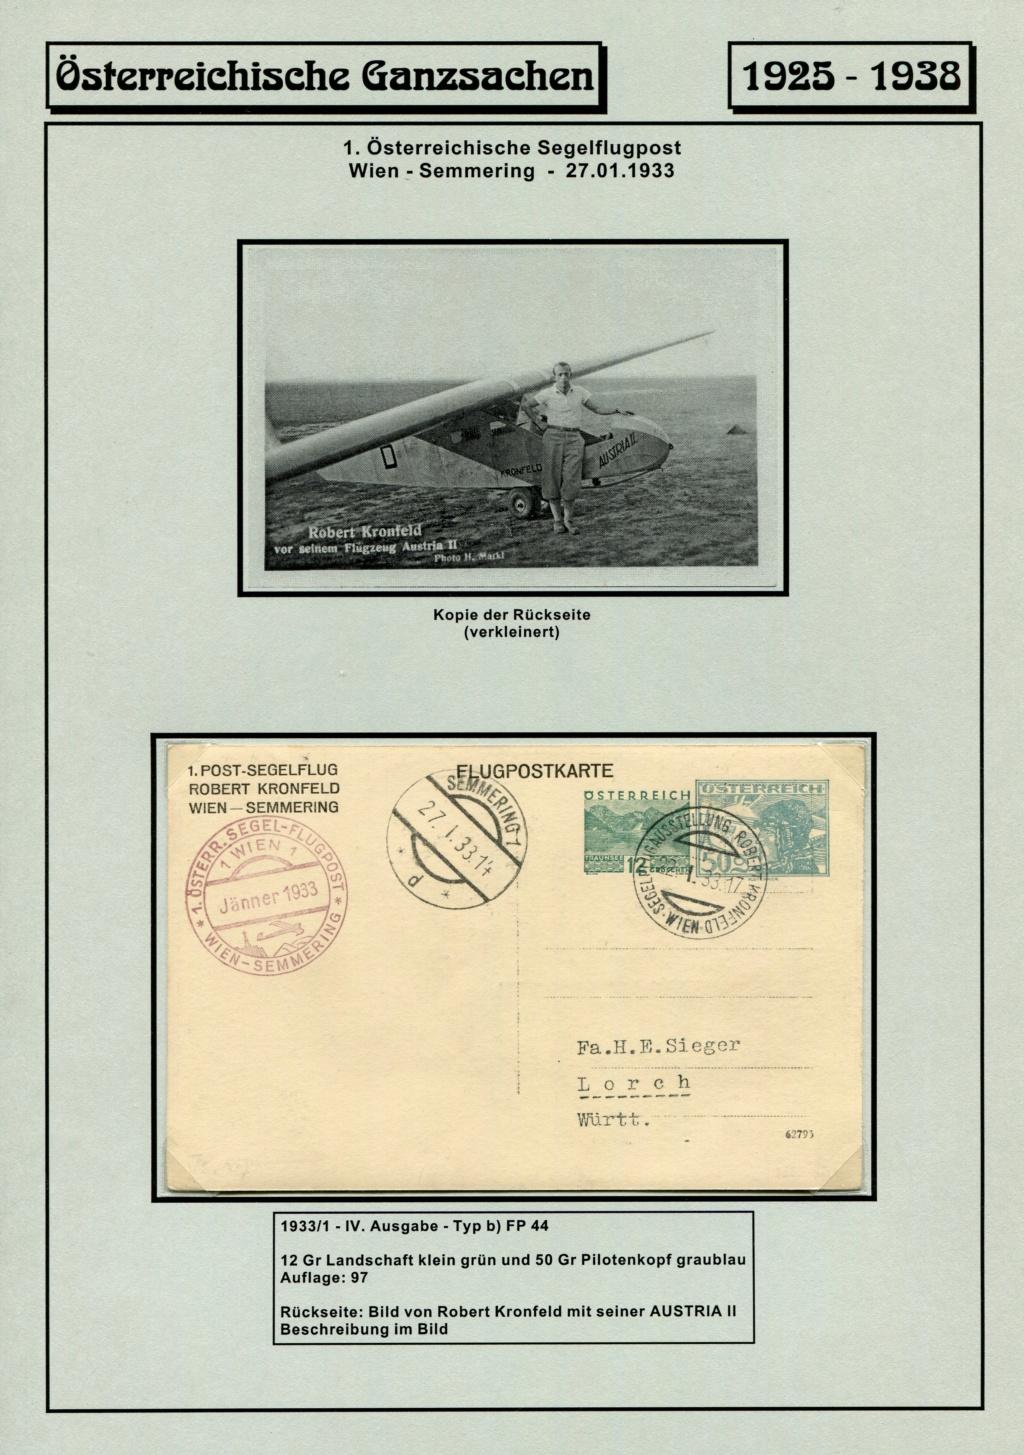 Ganzsachen - Segelflug Robert Kronfeld 1933 Kr_00118